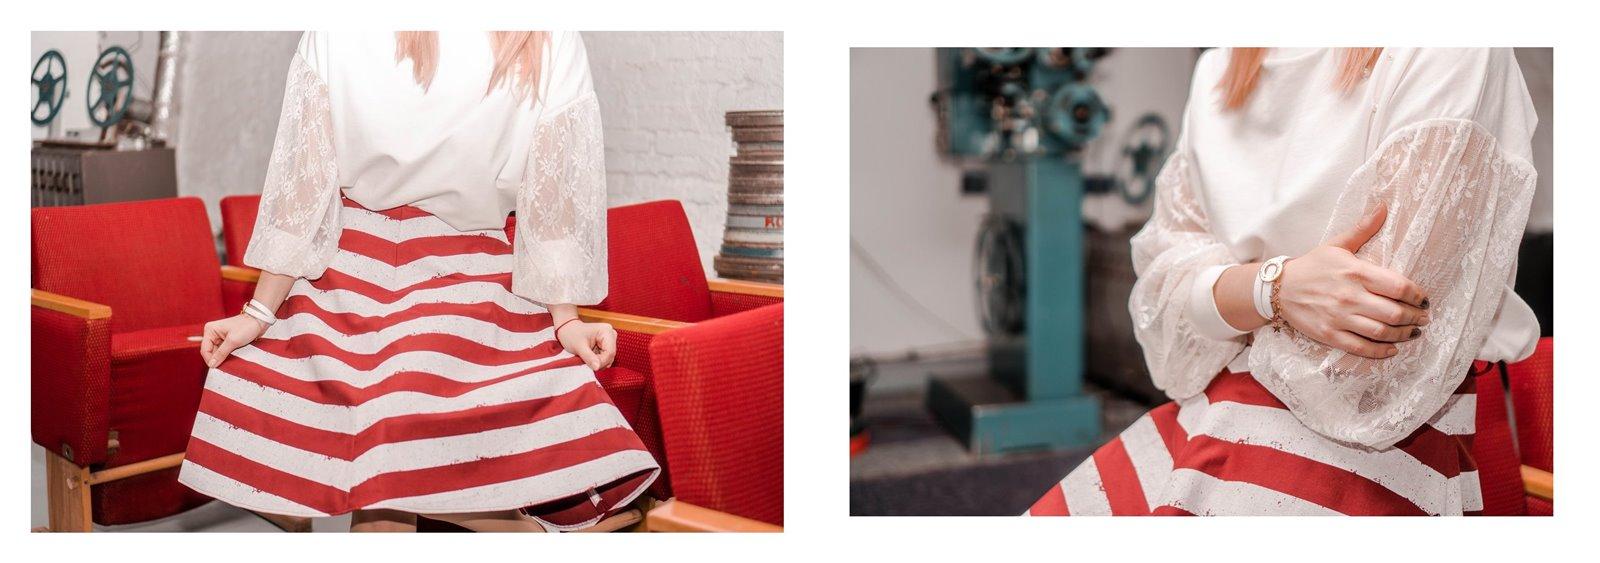 3a Skirt story spódnice szyte na miarę krawiectwo krawcowa online pomysł na prezent dla żony narzeczonej mamy szycie spódnic kraków łódź stylowe hotele stare kino w łodzi opinie recenzje pokoje gdzie się zatrzymać